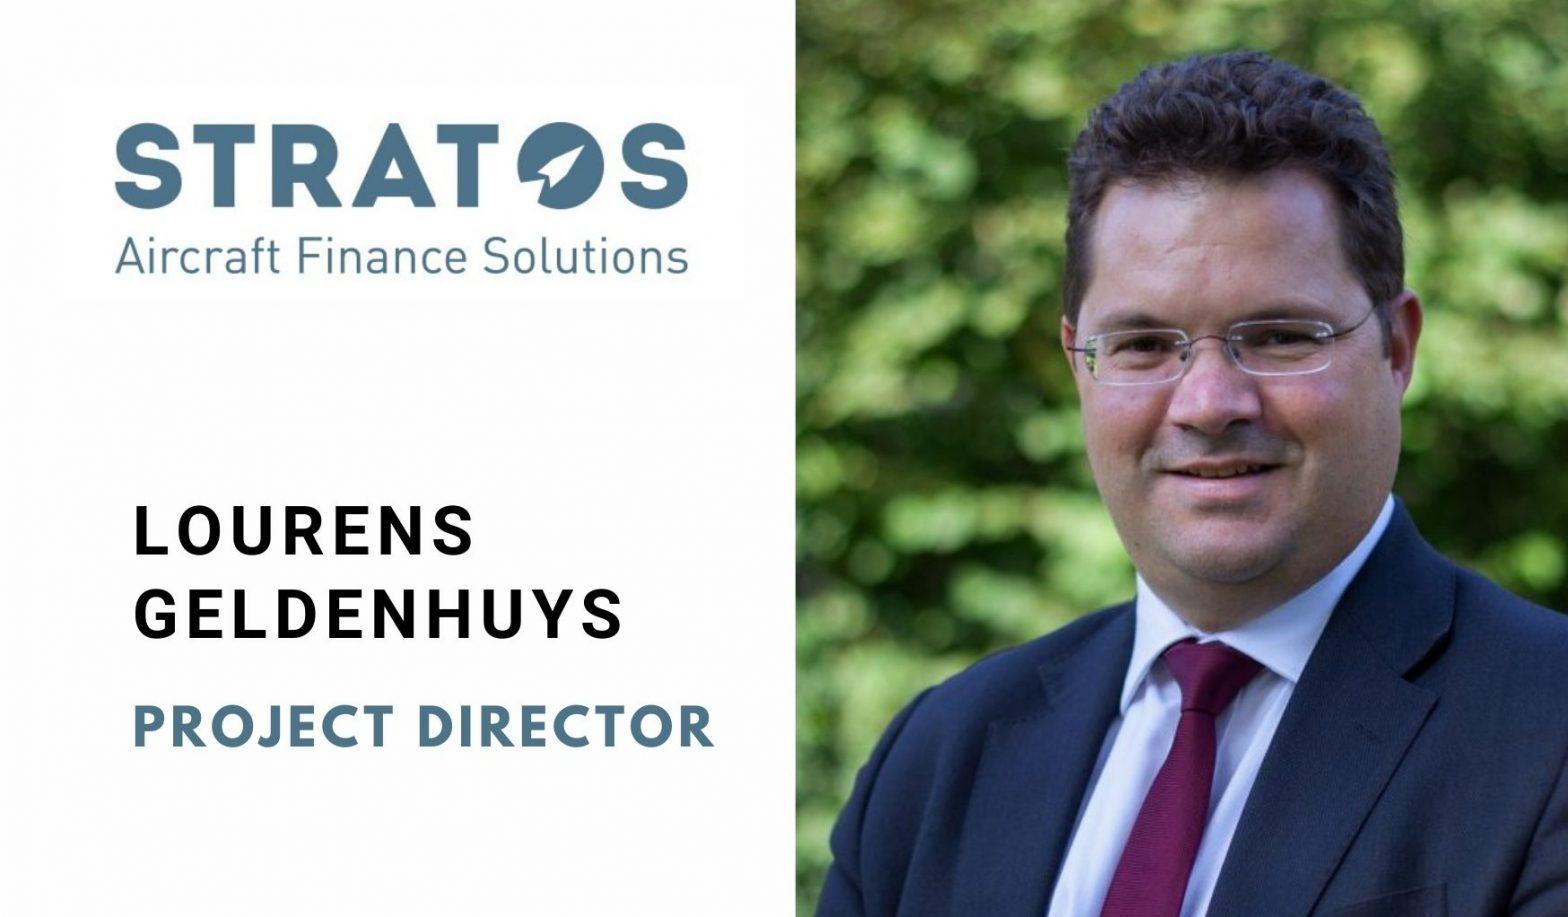 Stratos adds Lourens Geldenhuys to its team - Stratos